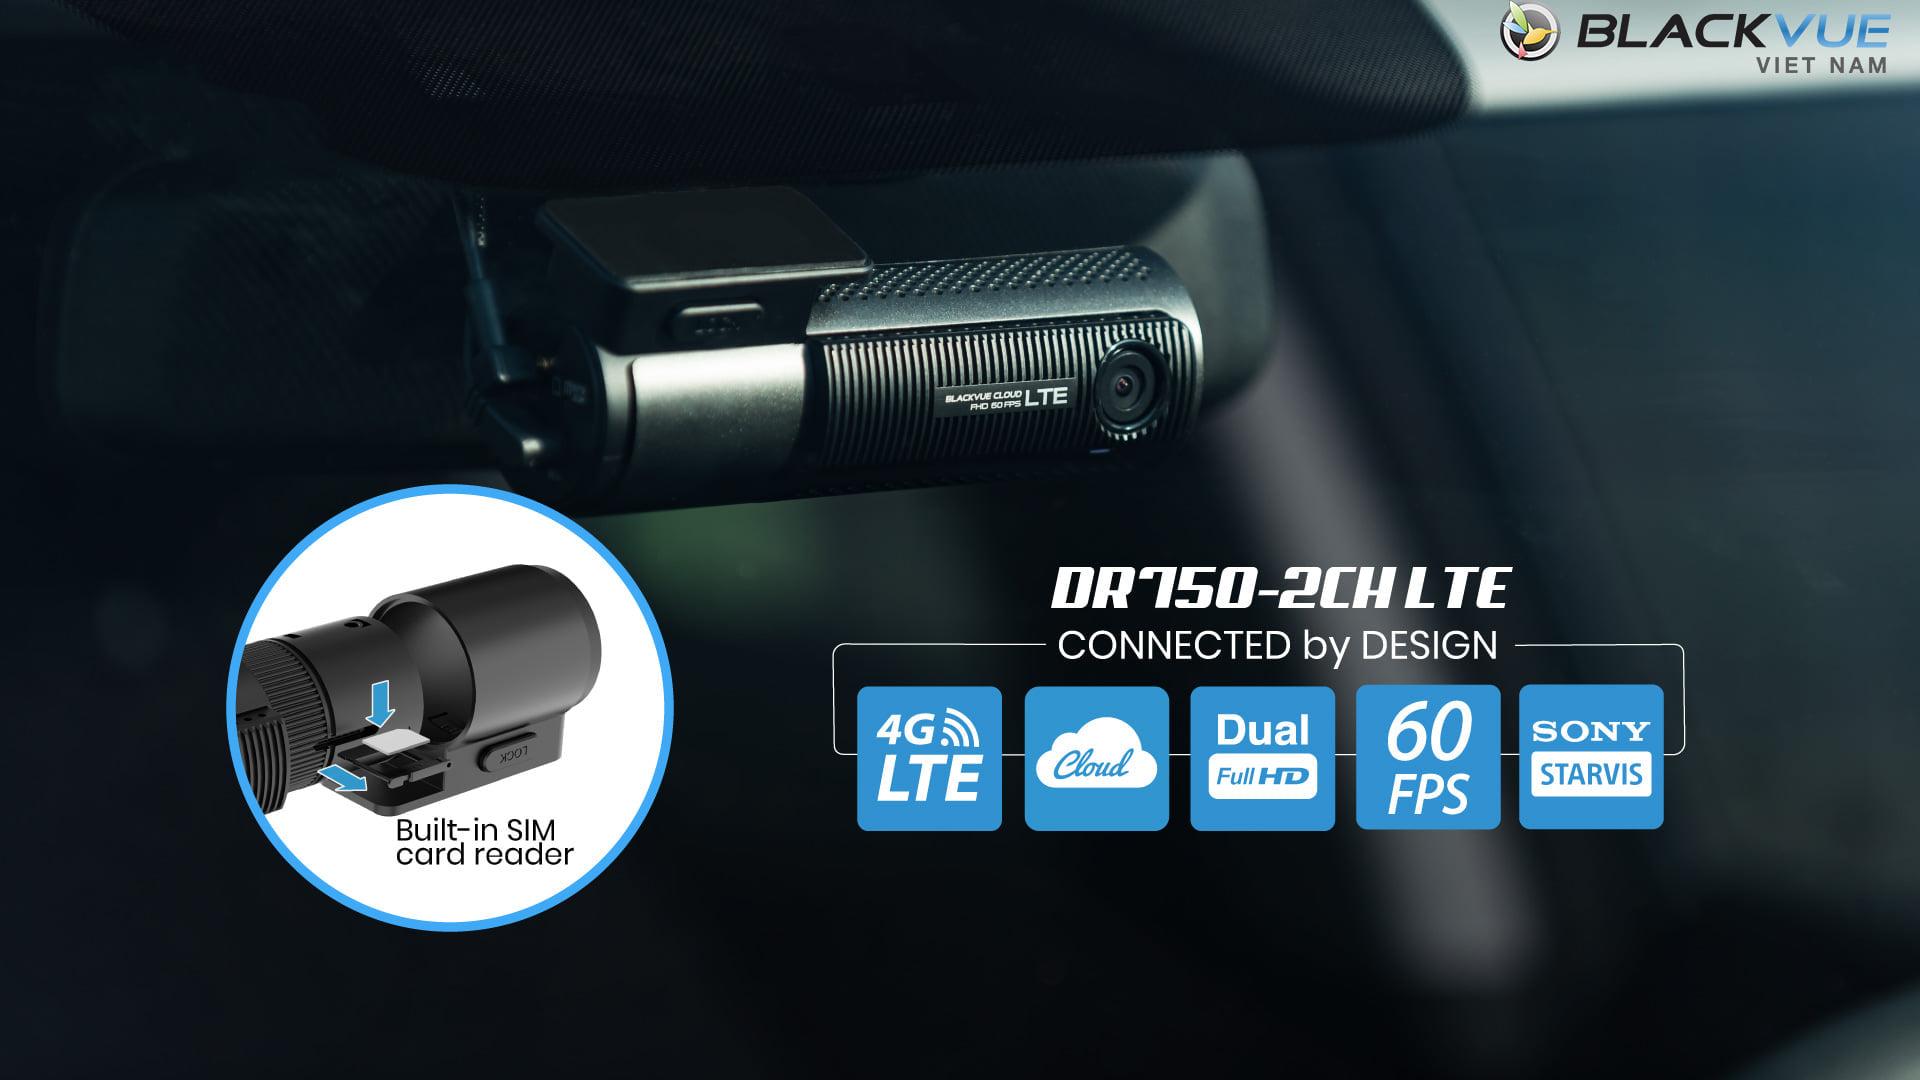 121091774 2482795202016256 1127070585357464289 o - Đánh giá nhanh Blackvue DR750-2CH LTE: Chiếc camera hành trình đặc biệt